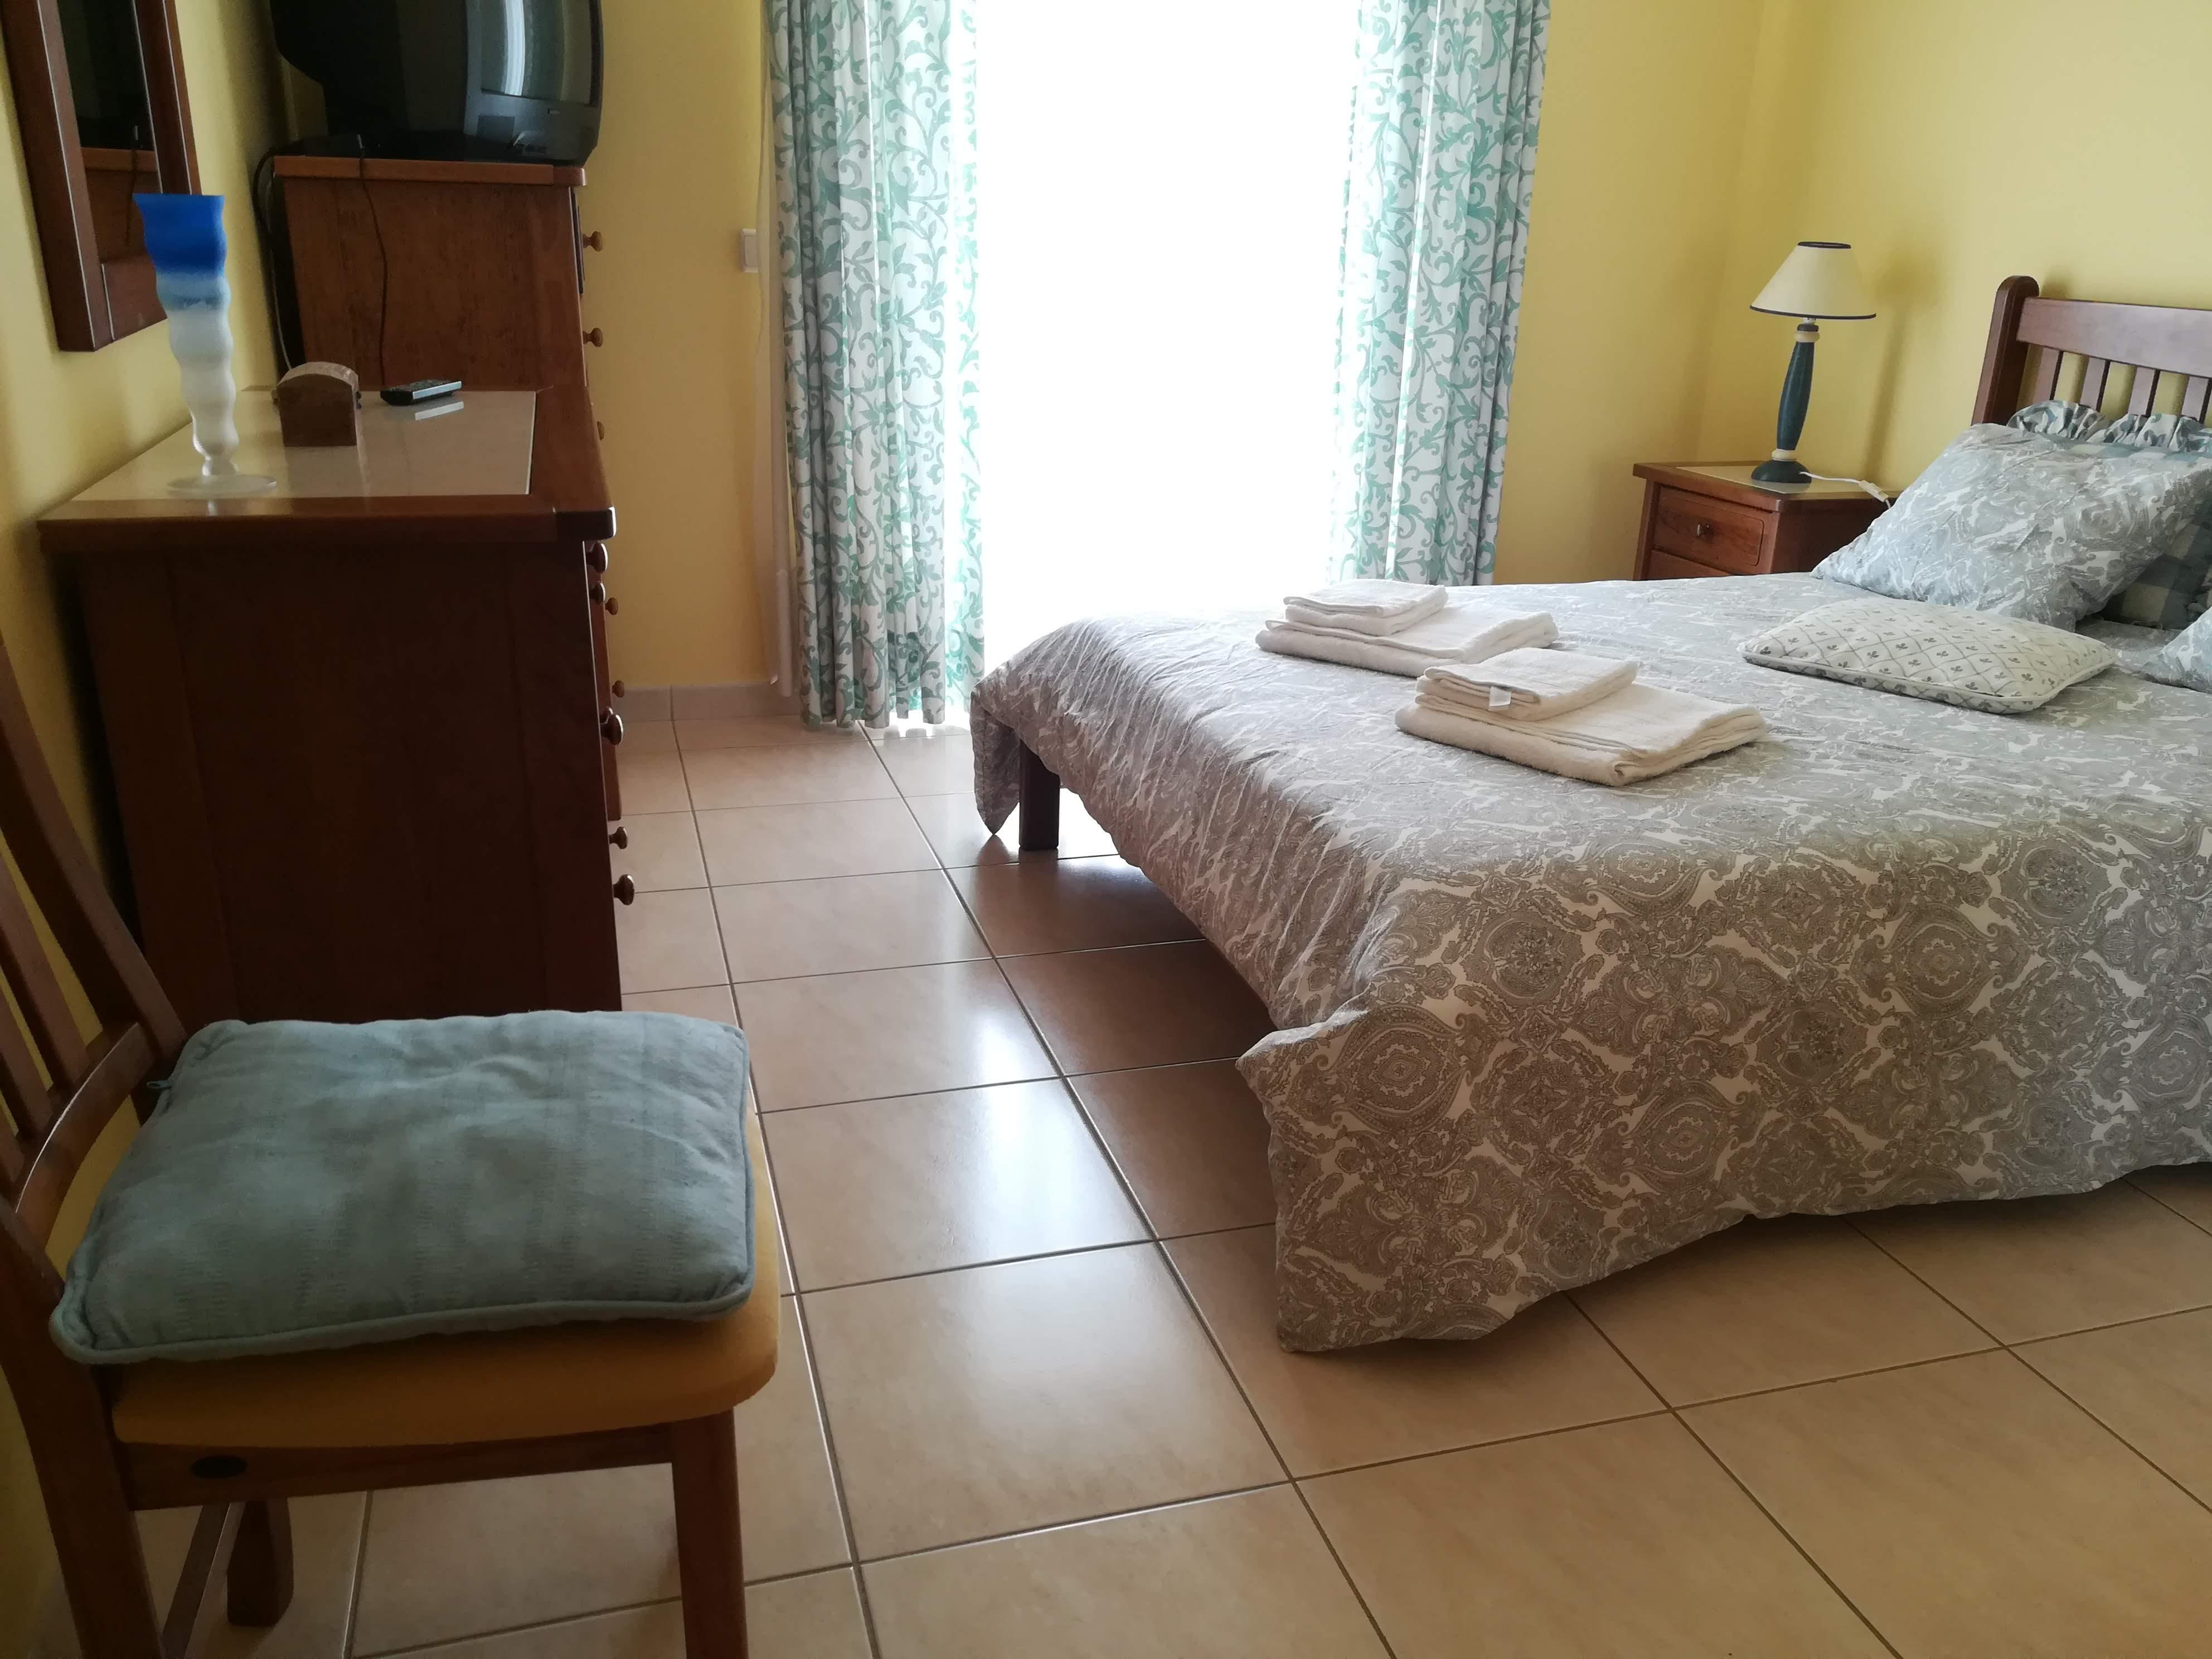 Location appartements et villas de vacance, Apartamento com terraço, perto da praia à Armação de Pêra, Portugal Algarve, REF_IMG_9160_9168